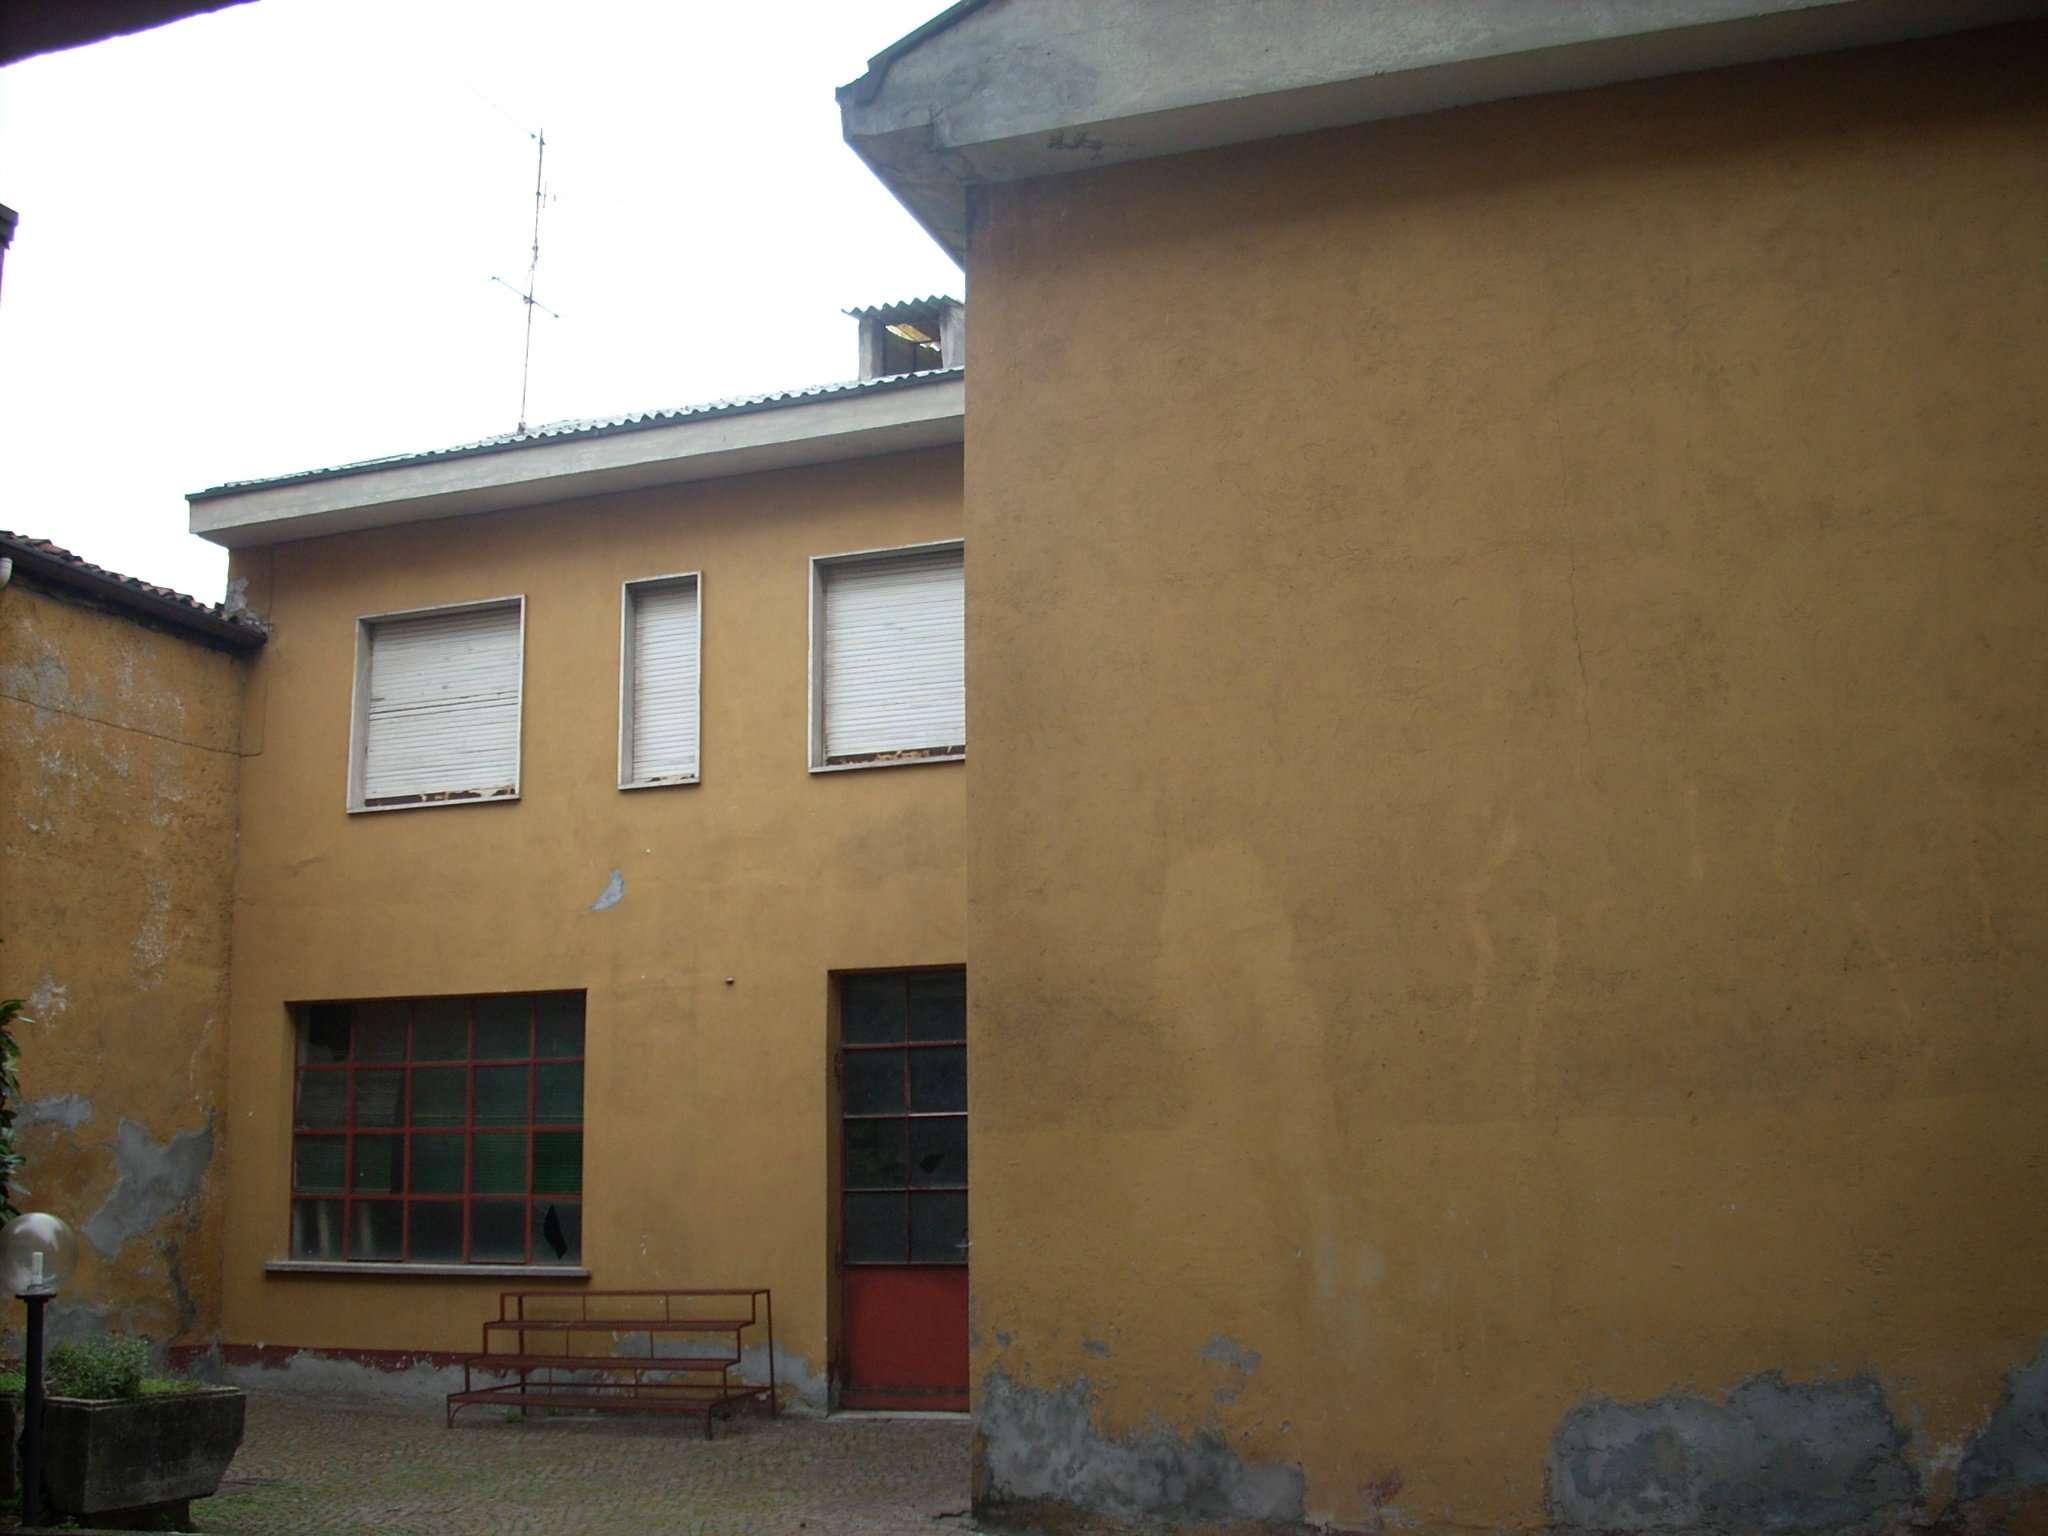 Palazzo / Stabile in vendita a Desio, 3 locali, prezzo € 95.000   Cambio Casa.it